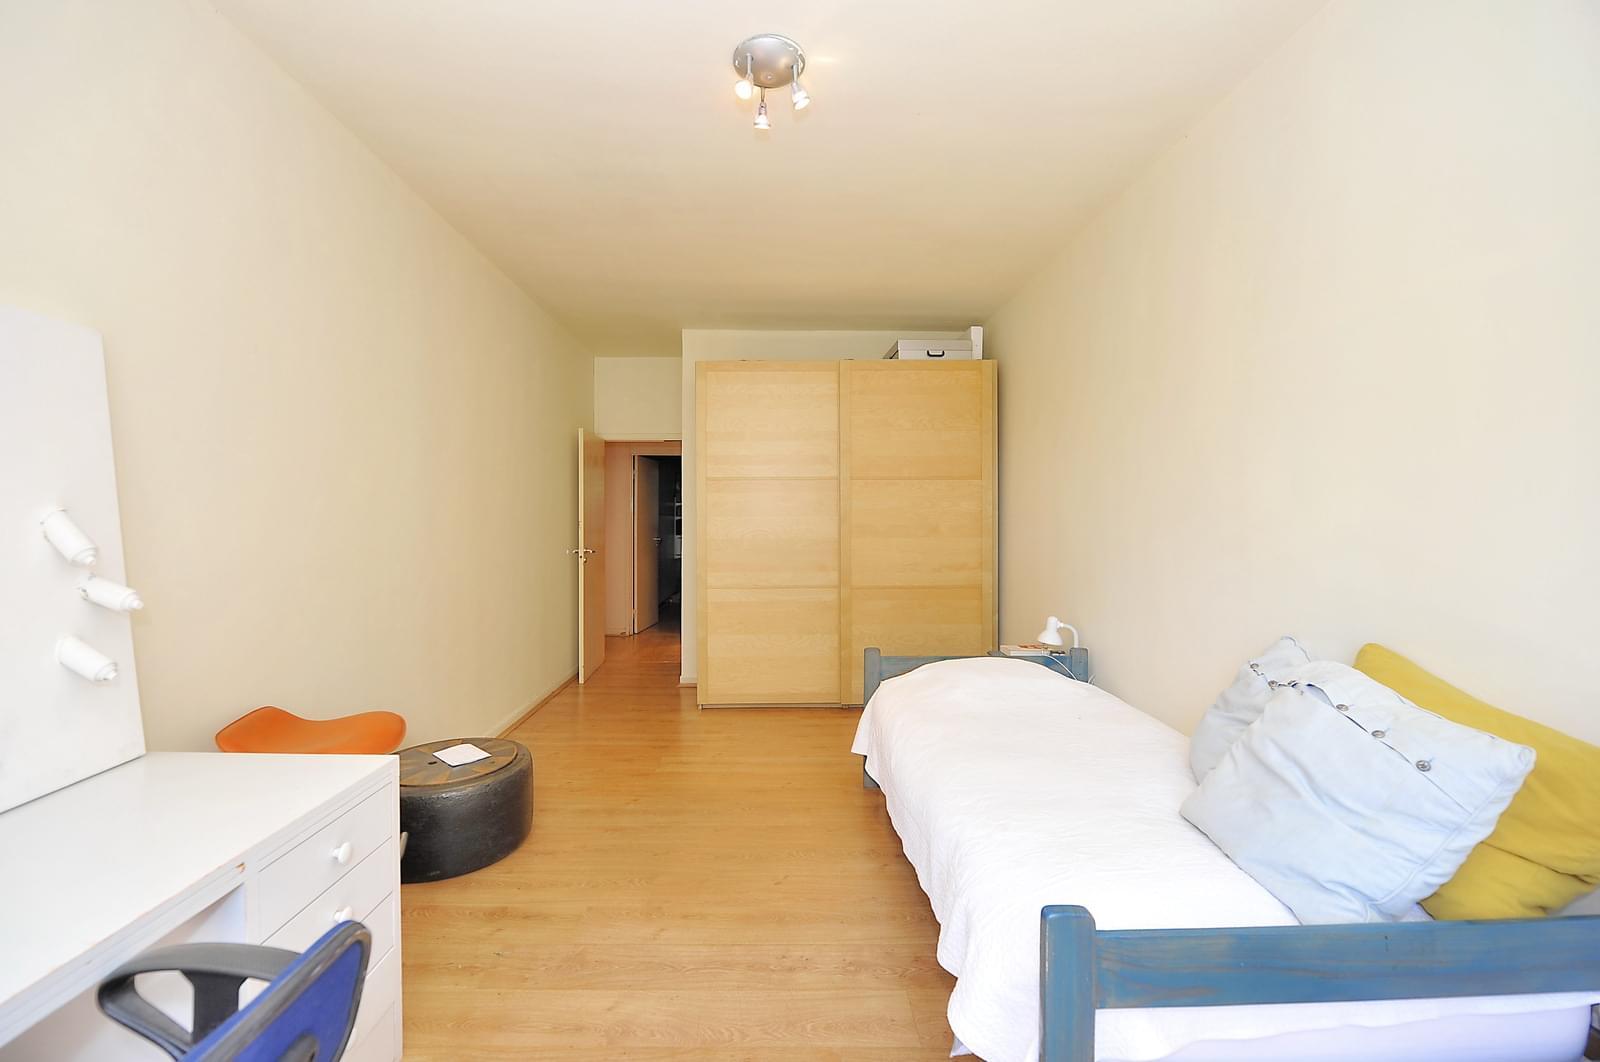 pf17071-apartamento-t4-oeiras-597880f7-efdb-4d00-9b75-2f2ea83fac6e